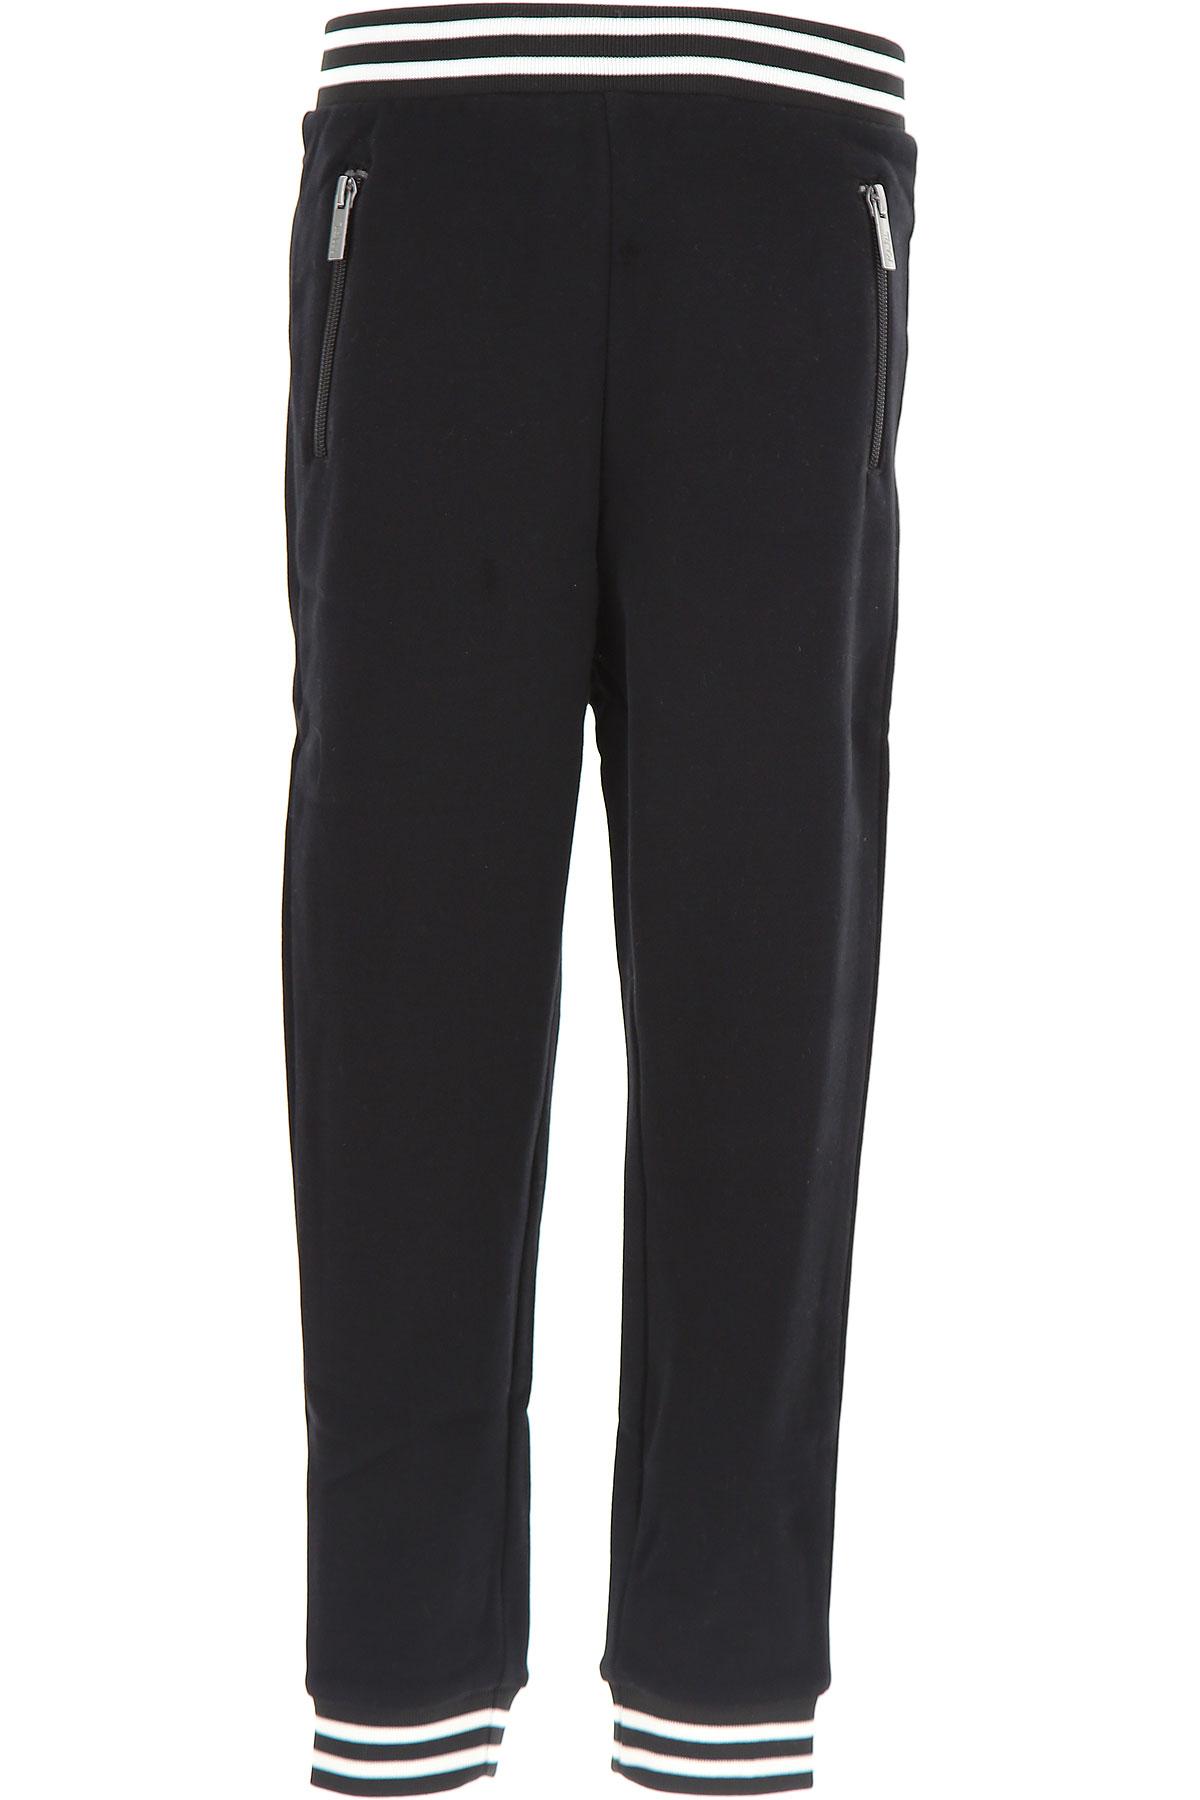 Image of Karl Lagerfeld Kids Sweatpants for Girls, Black, Cotton, 2017, 10Y 14Y 16Y 8Y